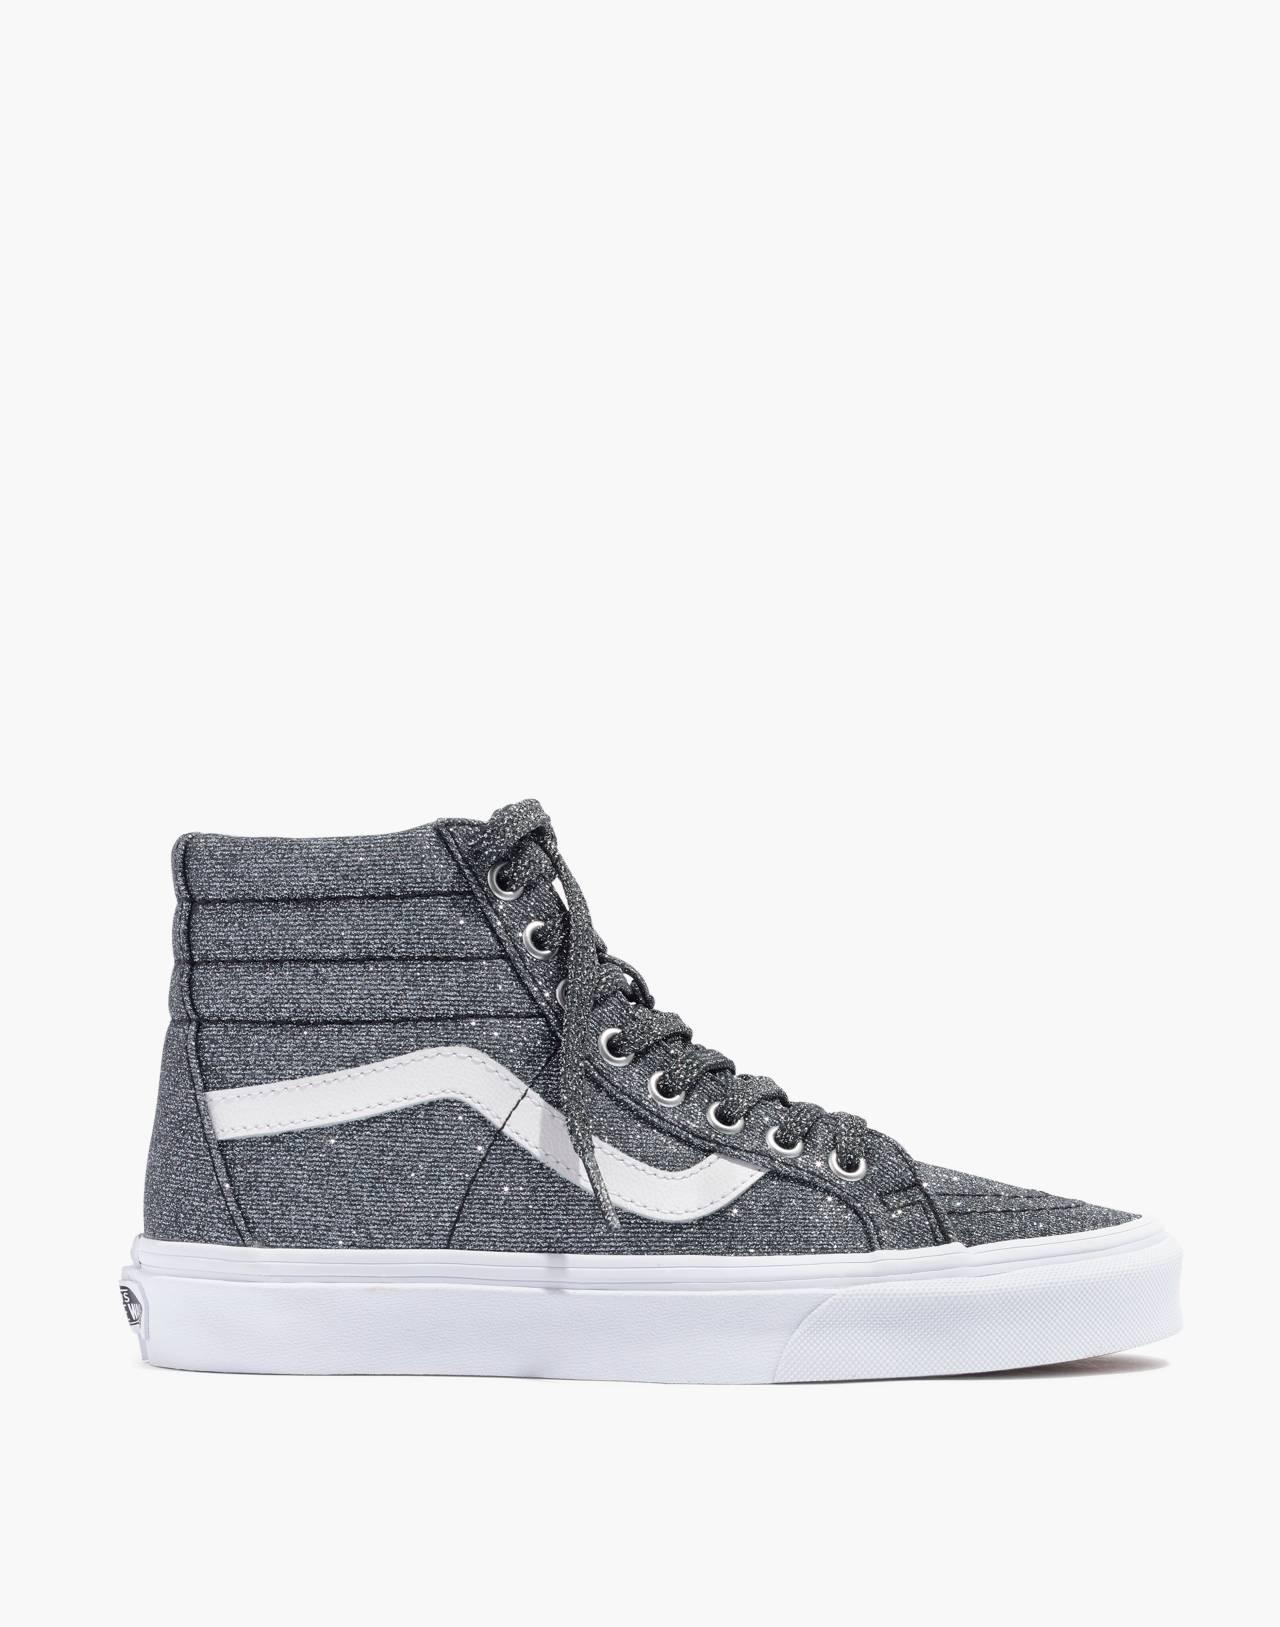 Vans® Unisex SK8-Hi Reissue High-Top Sneakers in Black Glitter in black image 3